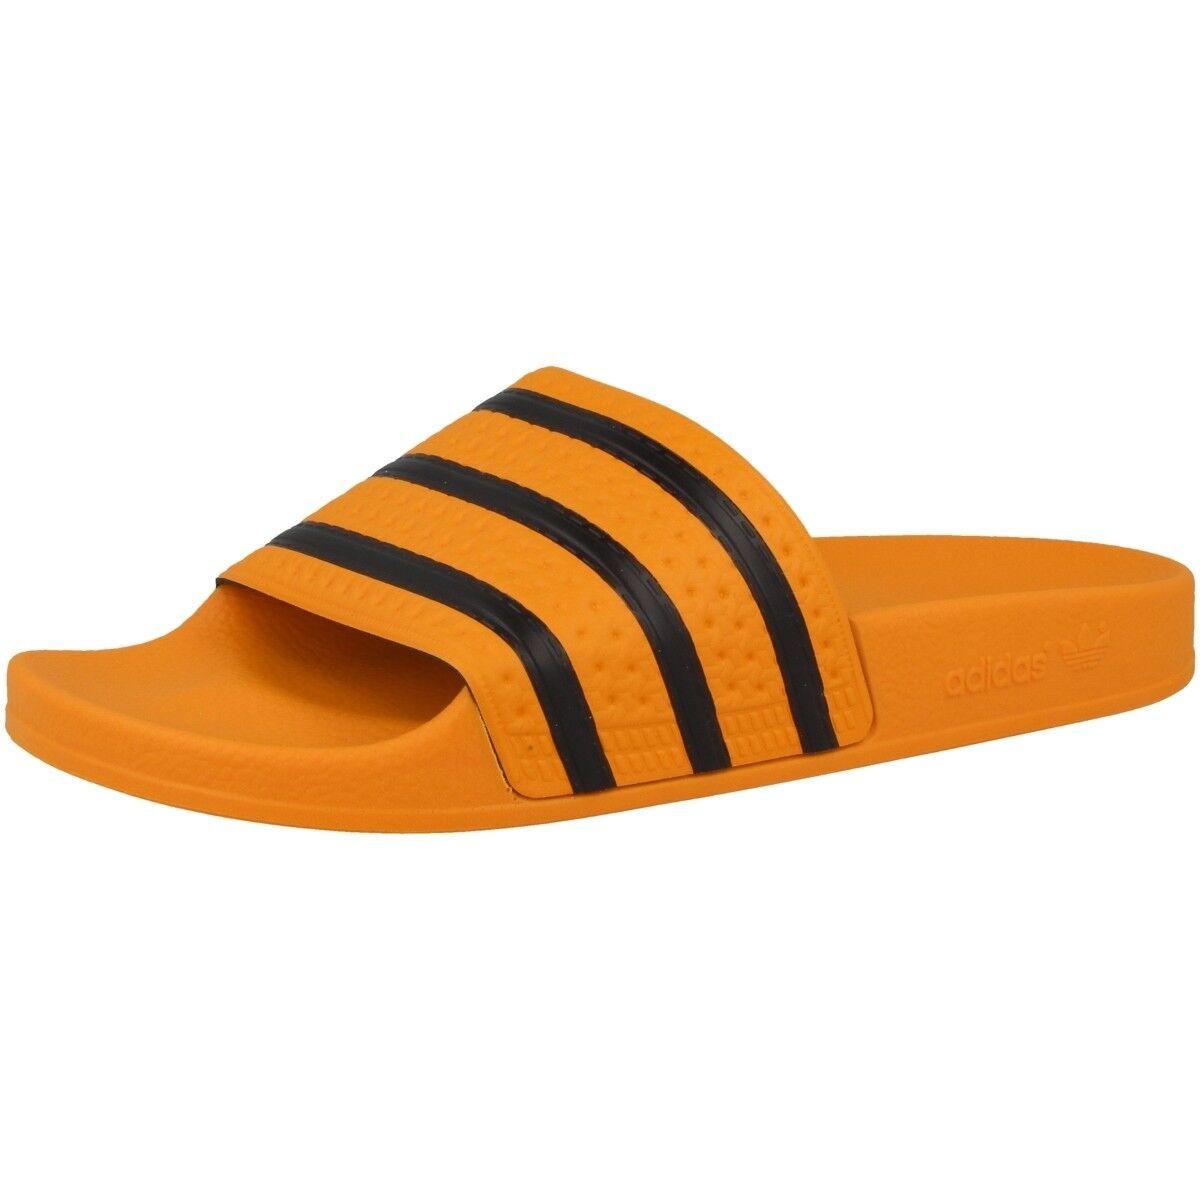 Adidas Adilette Chanclas Baño Zapatos para baño mocasines sandalias, sandalias, sandalias, zapatos naranja cq3099  hasta un 50% de descuento